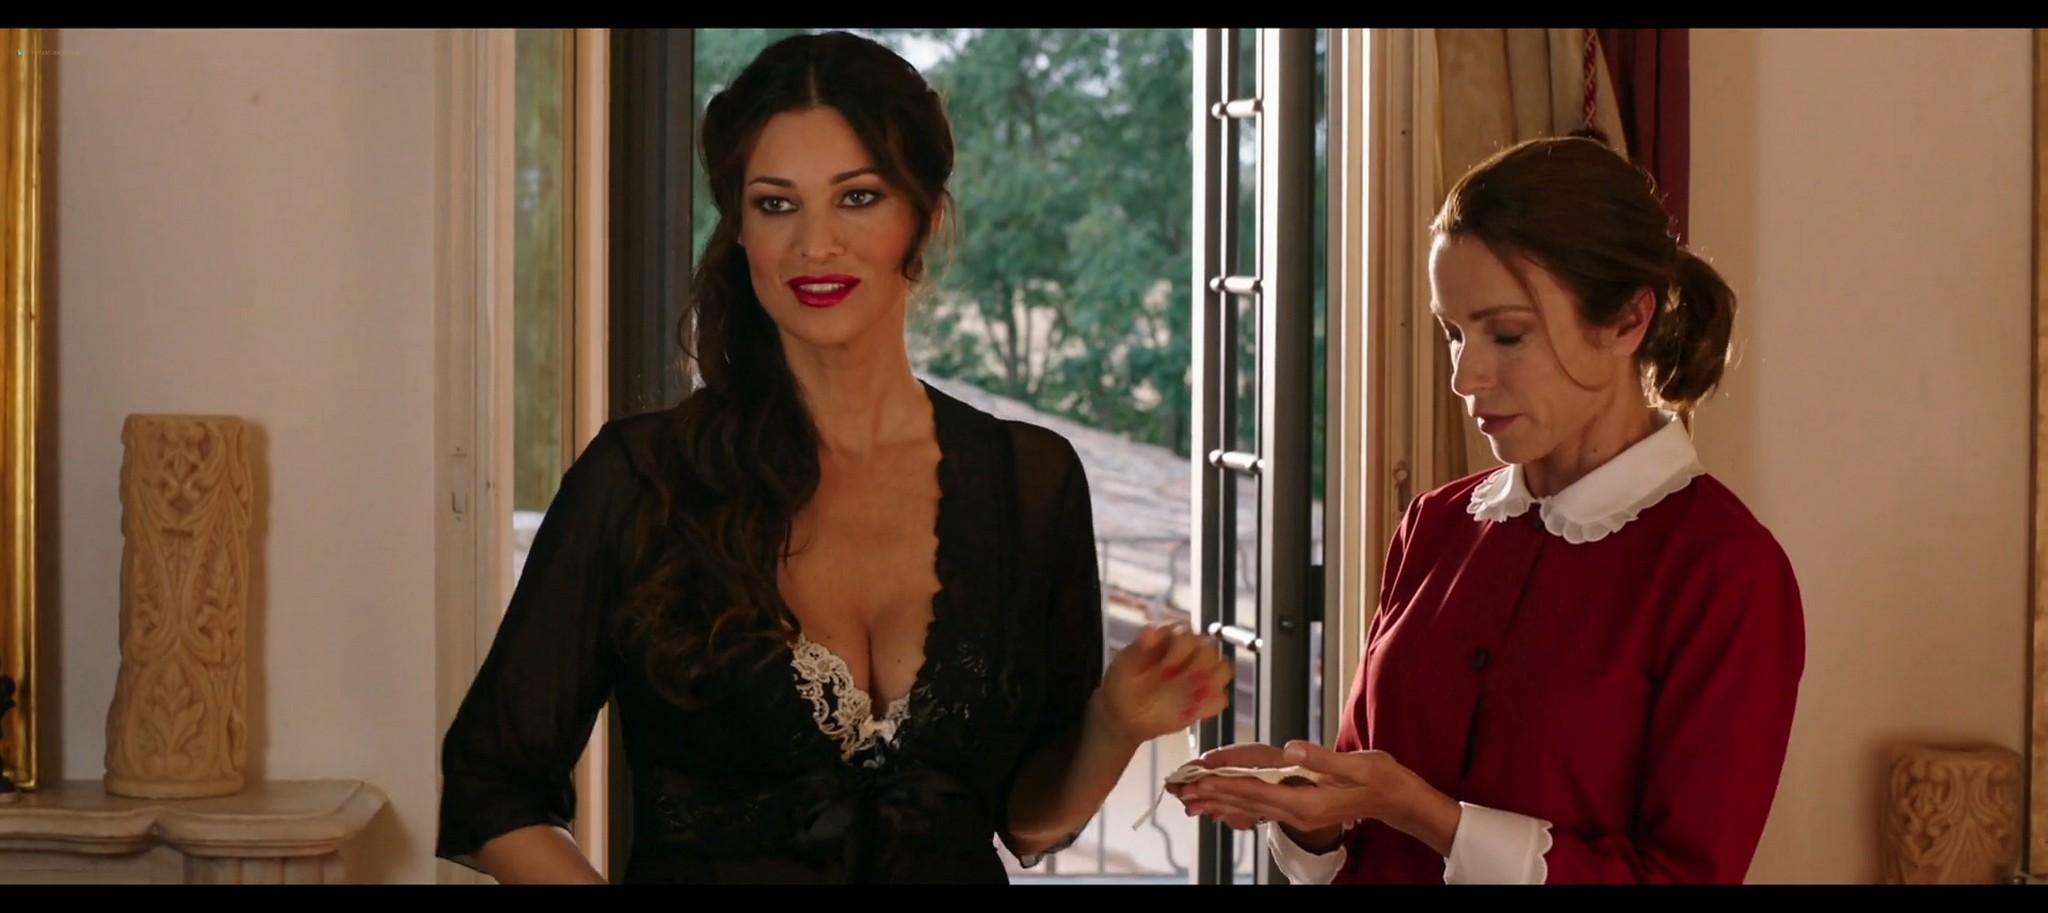 Manuela Arcuri hot bust Ria Antoniou sexy Non si ruba a casa dei ladri IT 2016 HD 1080p Web 008